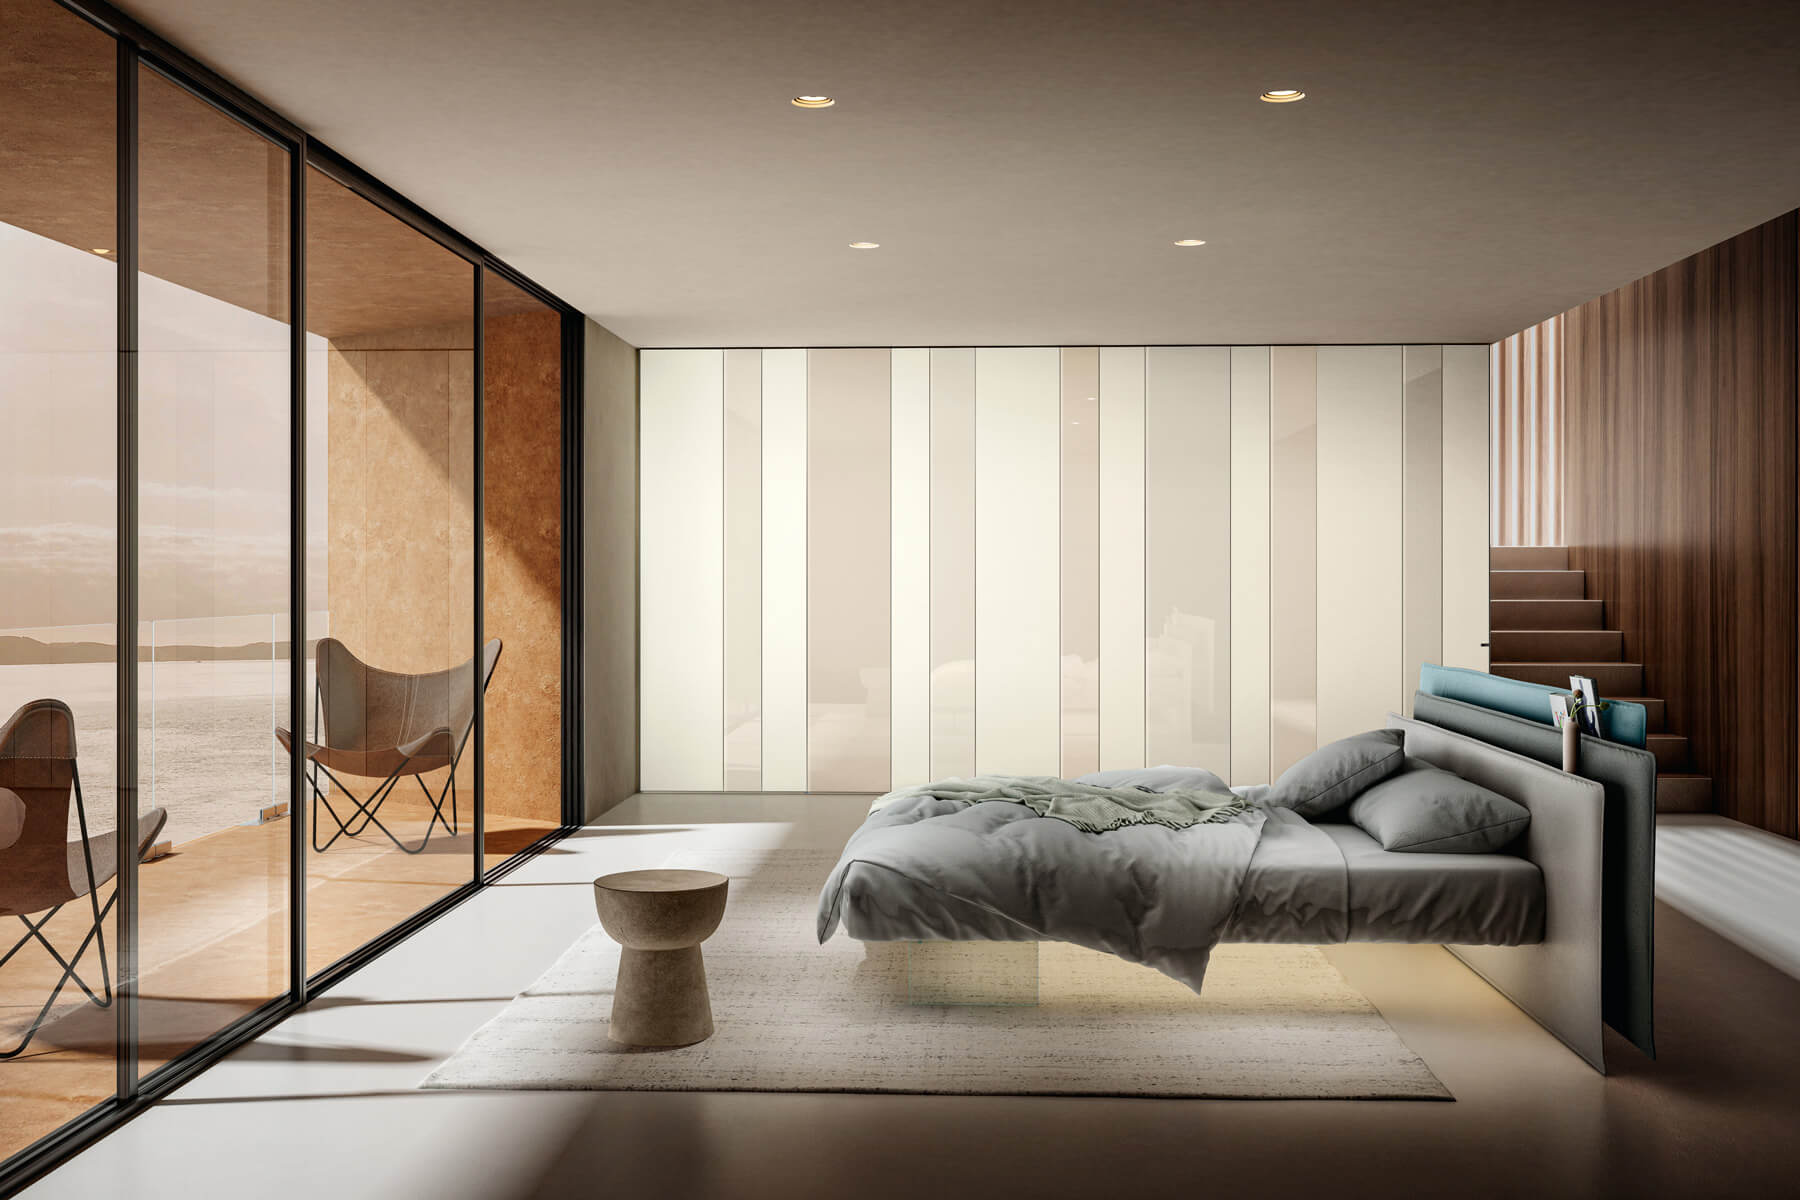 armadio-componibile-camera-da-letto-1